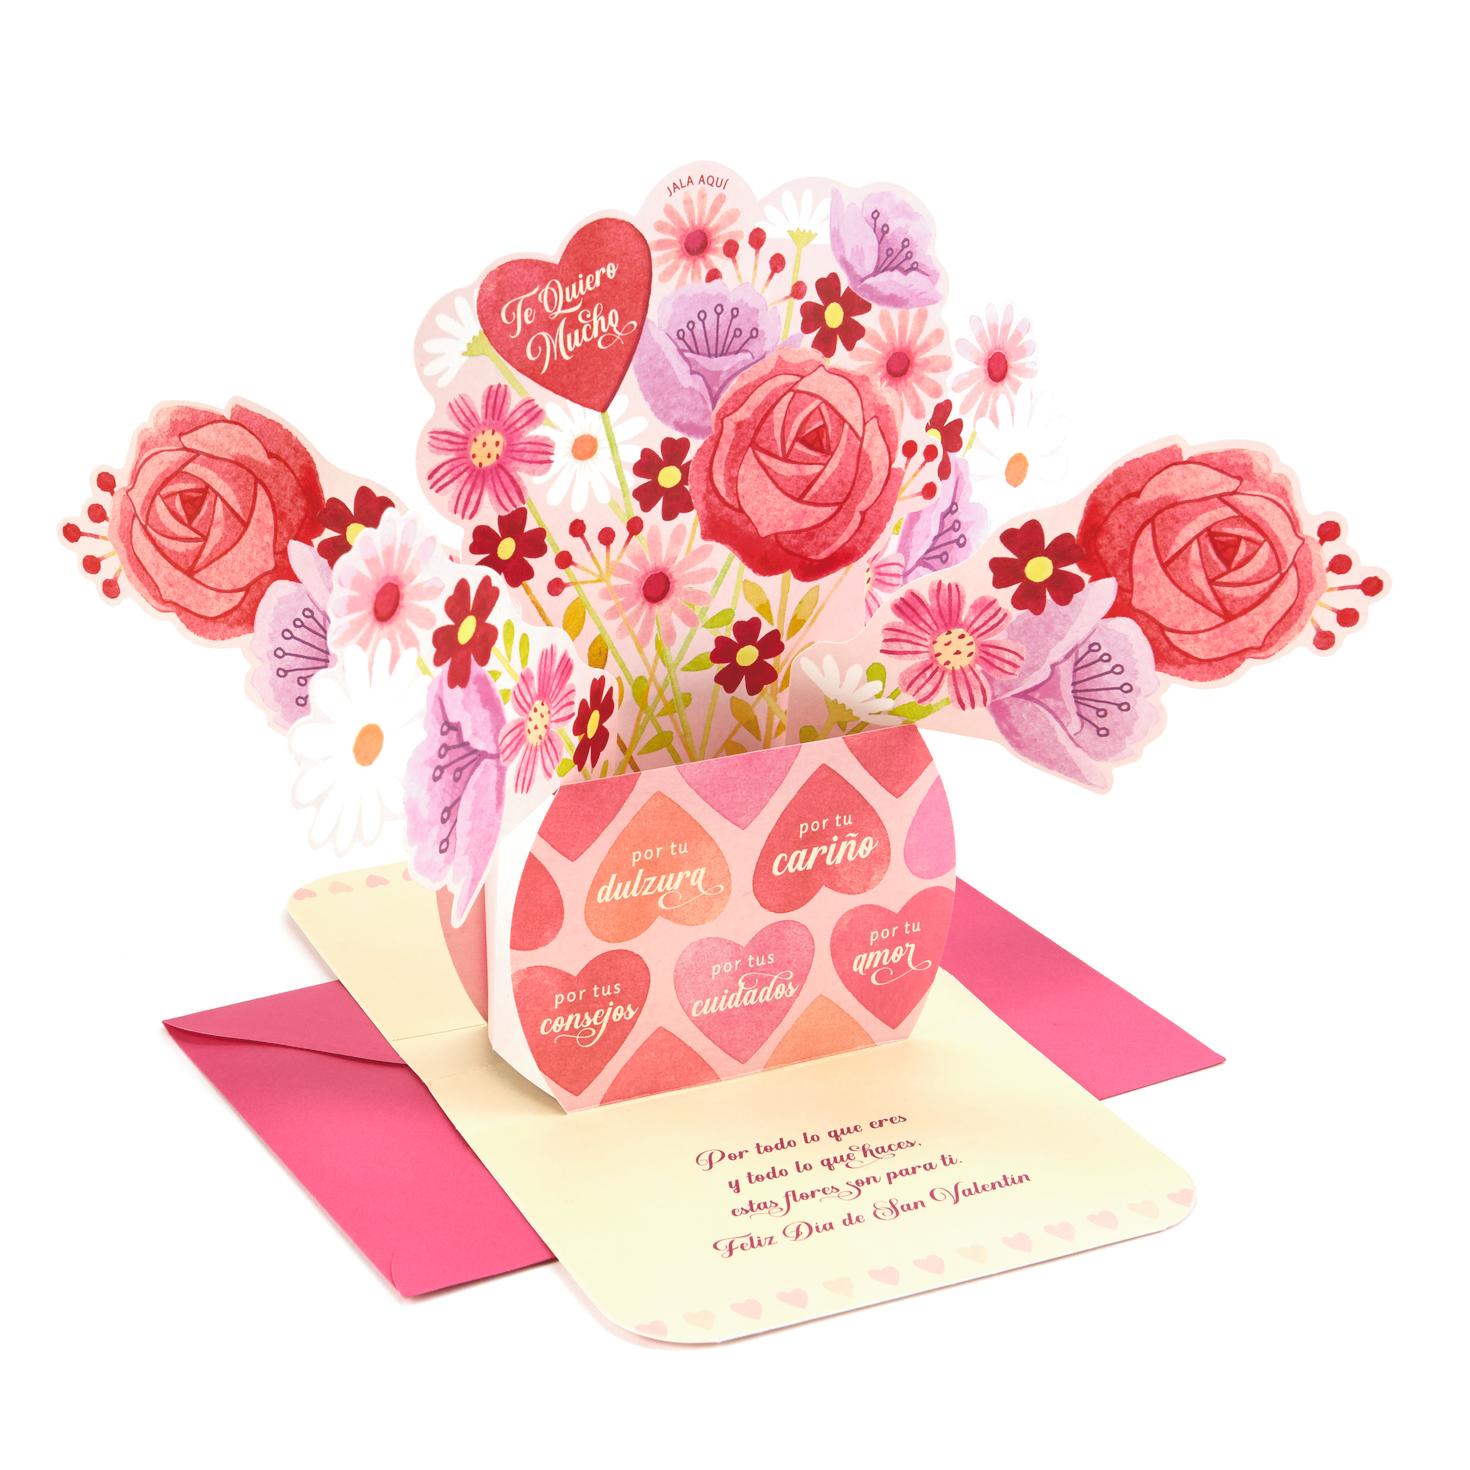 flower bouquet pop up spanishlanguage valentine's day